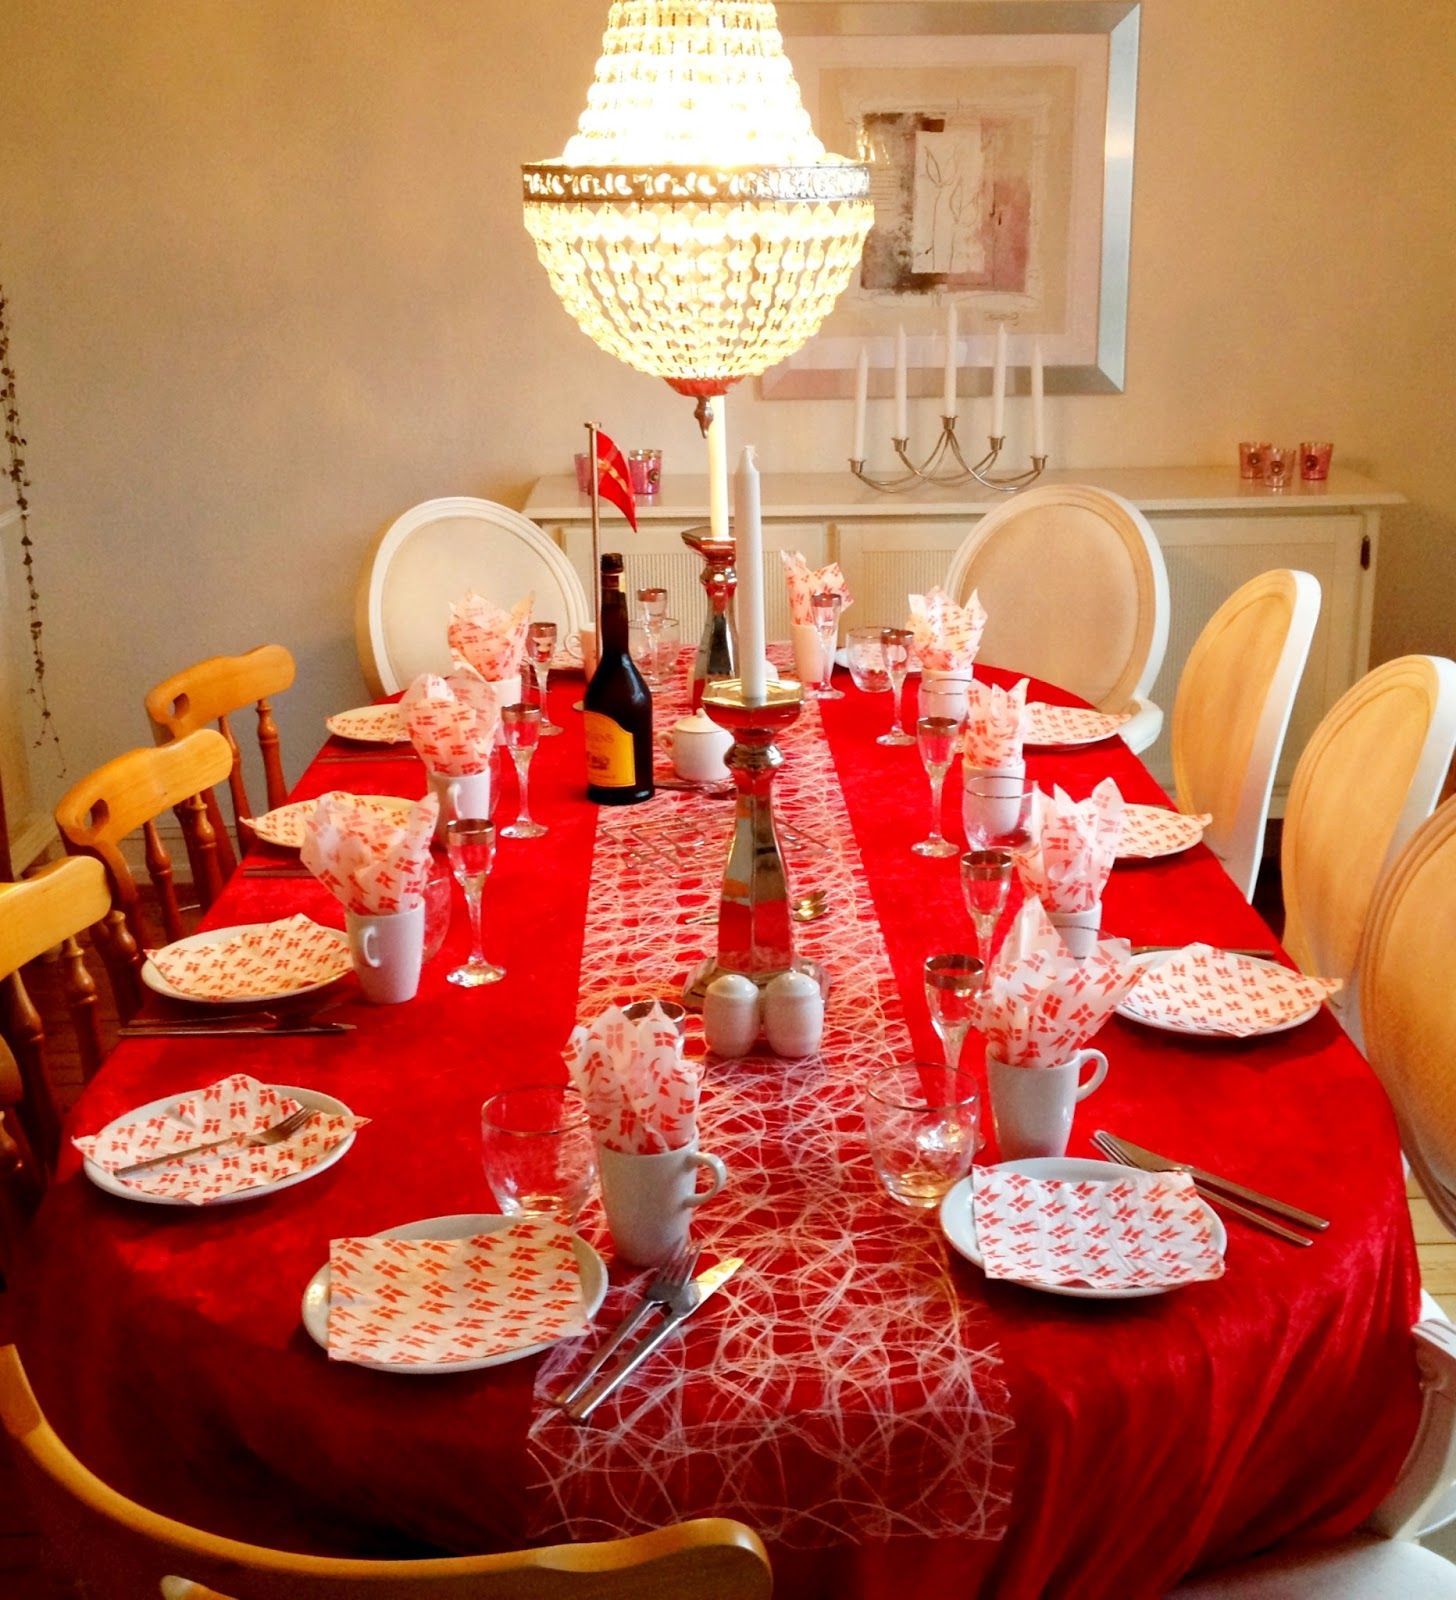 surprise, fødselsdag, weekend, 23 år, familie, kort, rødgrød, jordbær, grød, brunch, gaver, roser